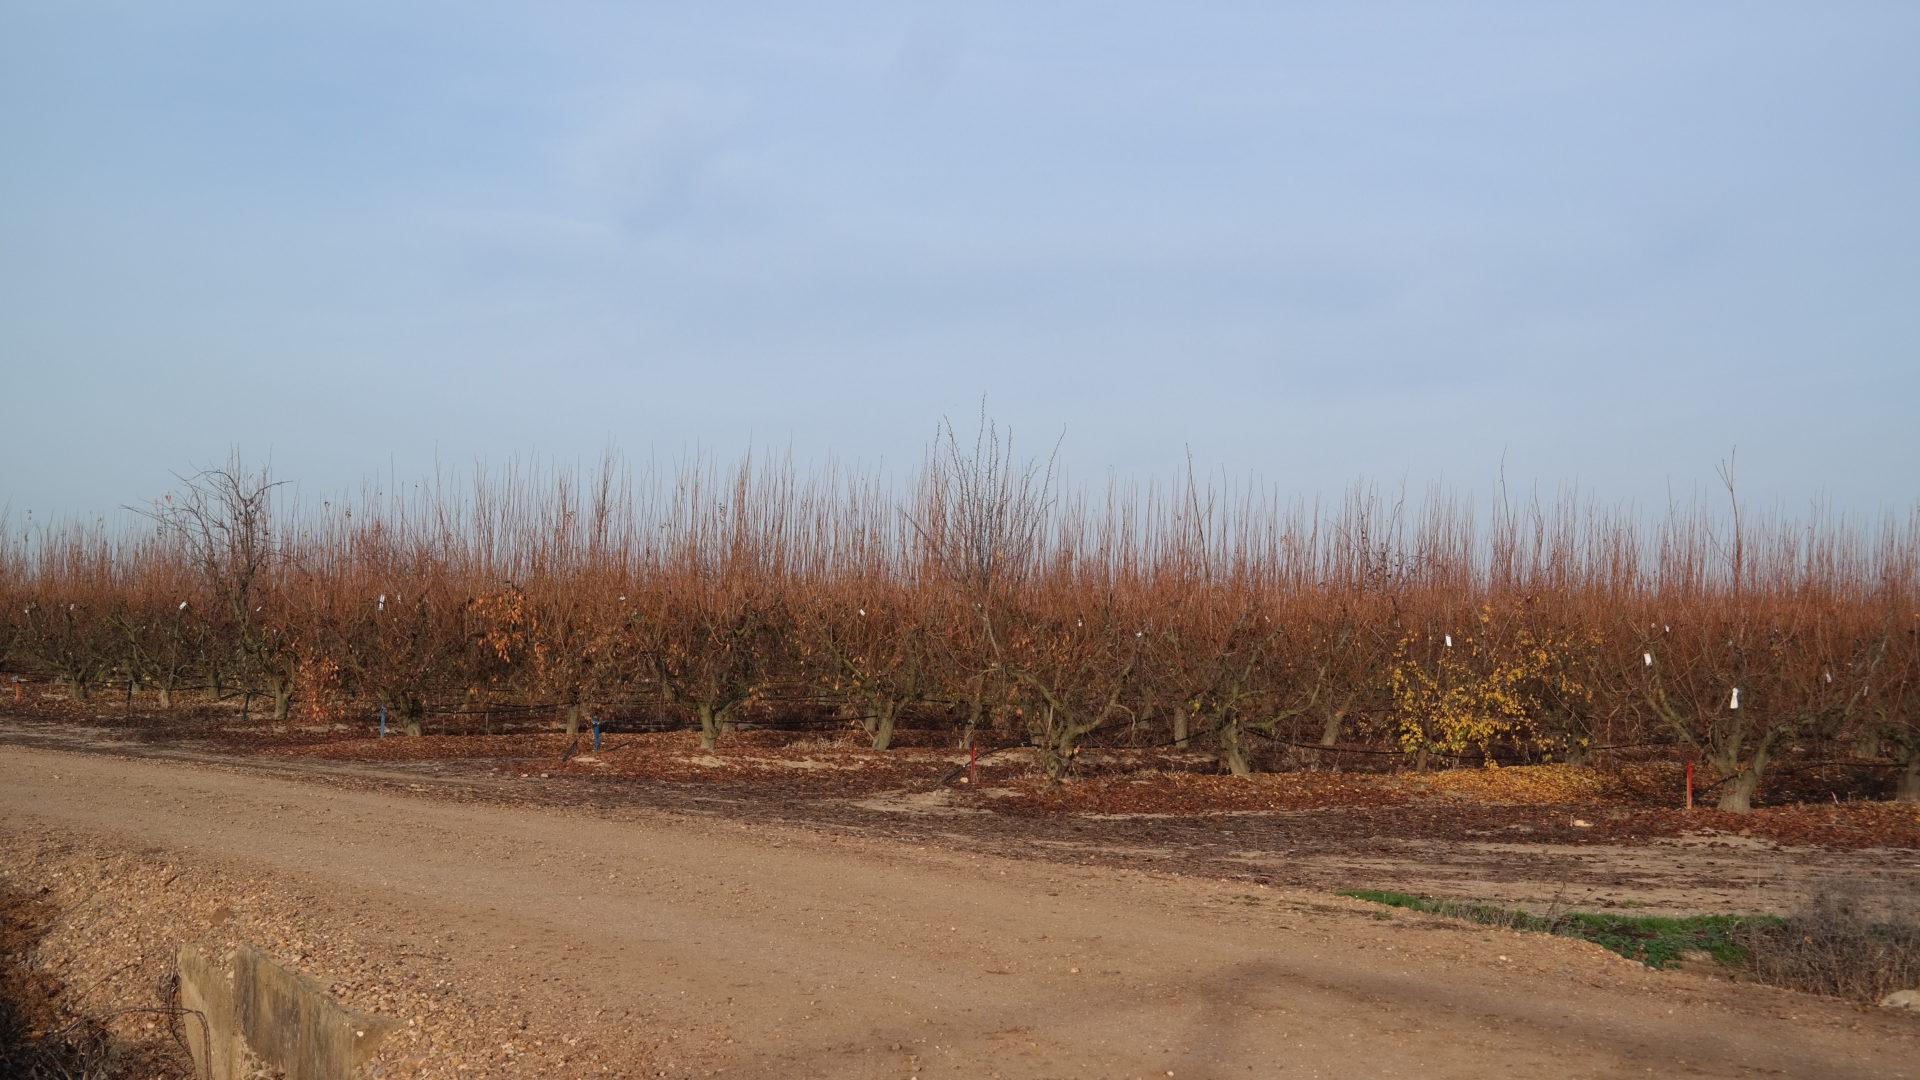 Continúa la quema de restos de cosecha para destruir malas hierbas y esporas de hongos, evitando el uso de fitosanitarios